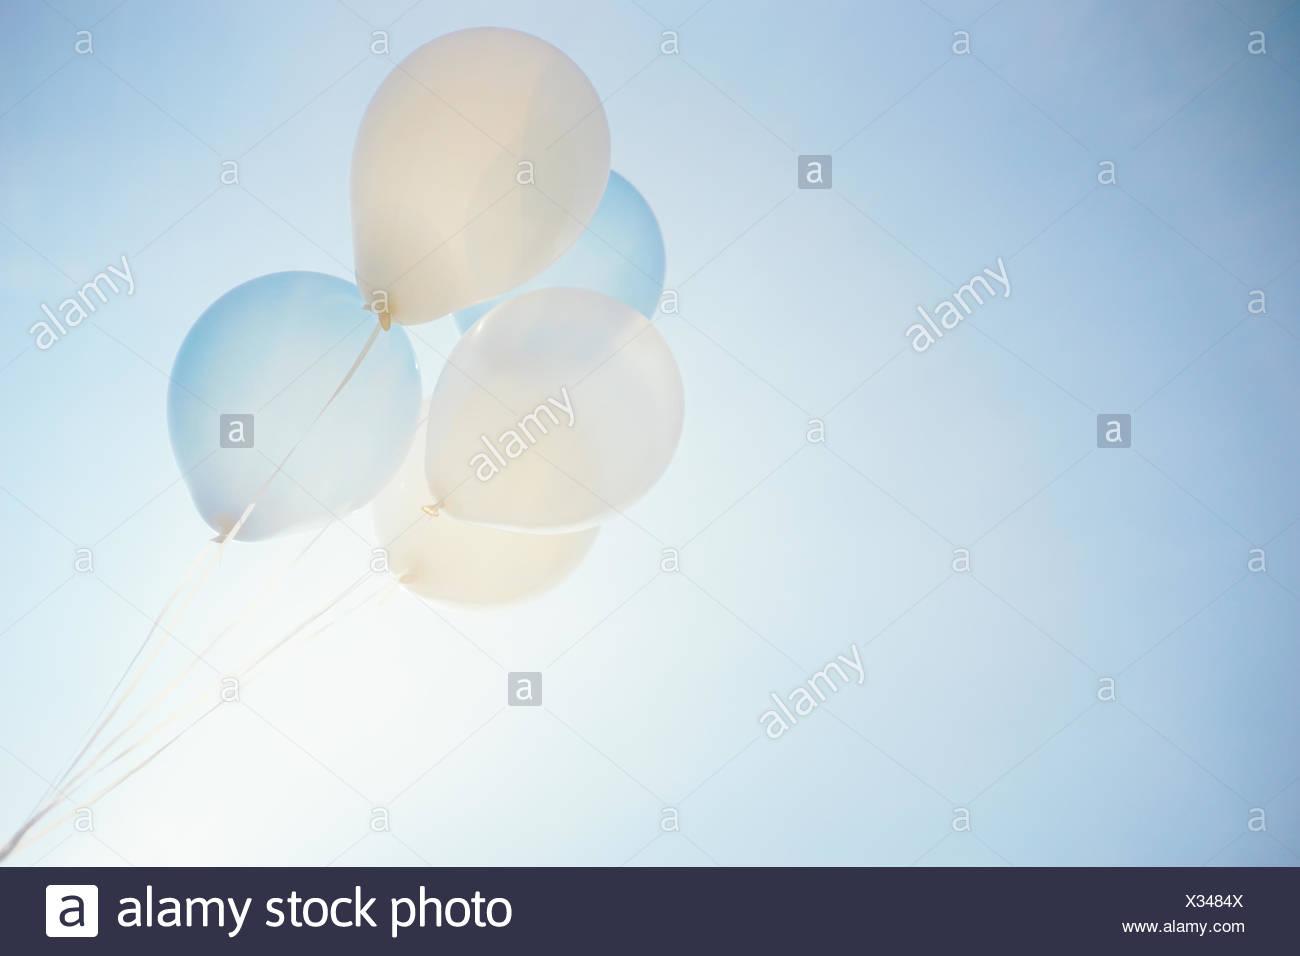 Basso angolo vista di palloncini contro Sky Immagini Stock